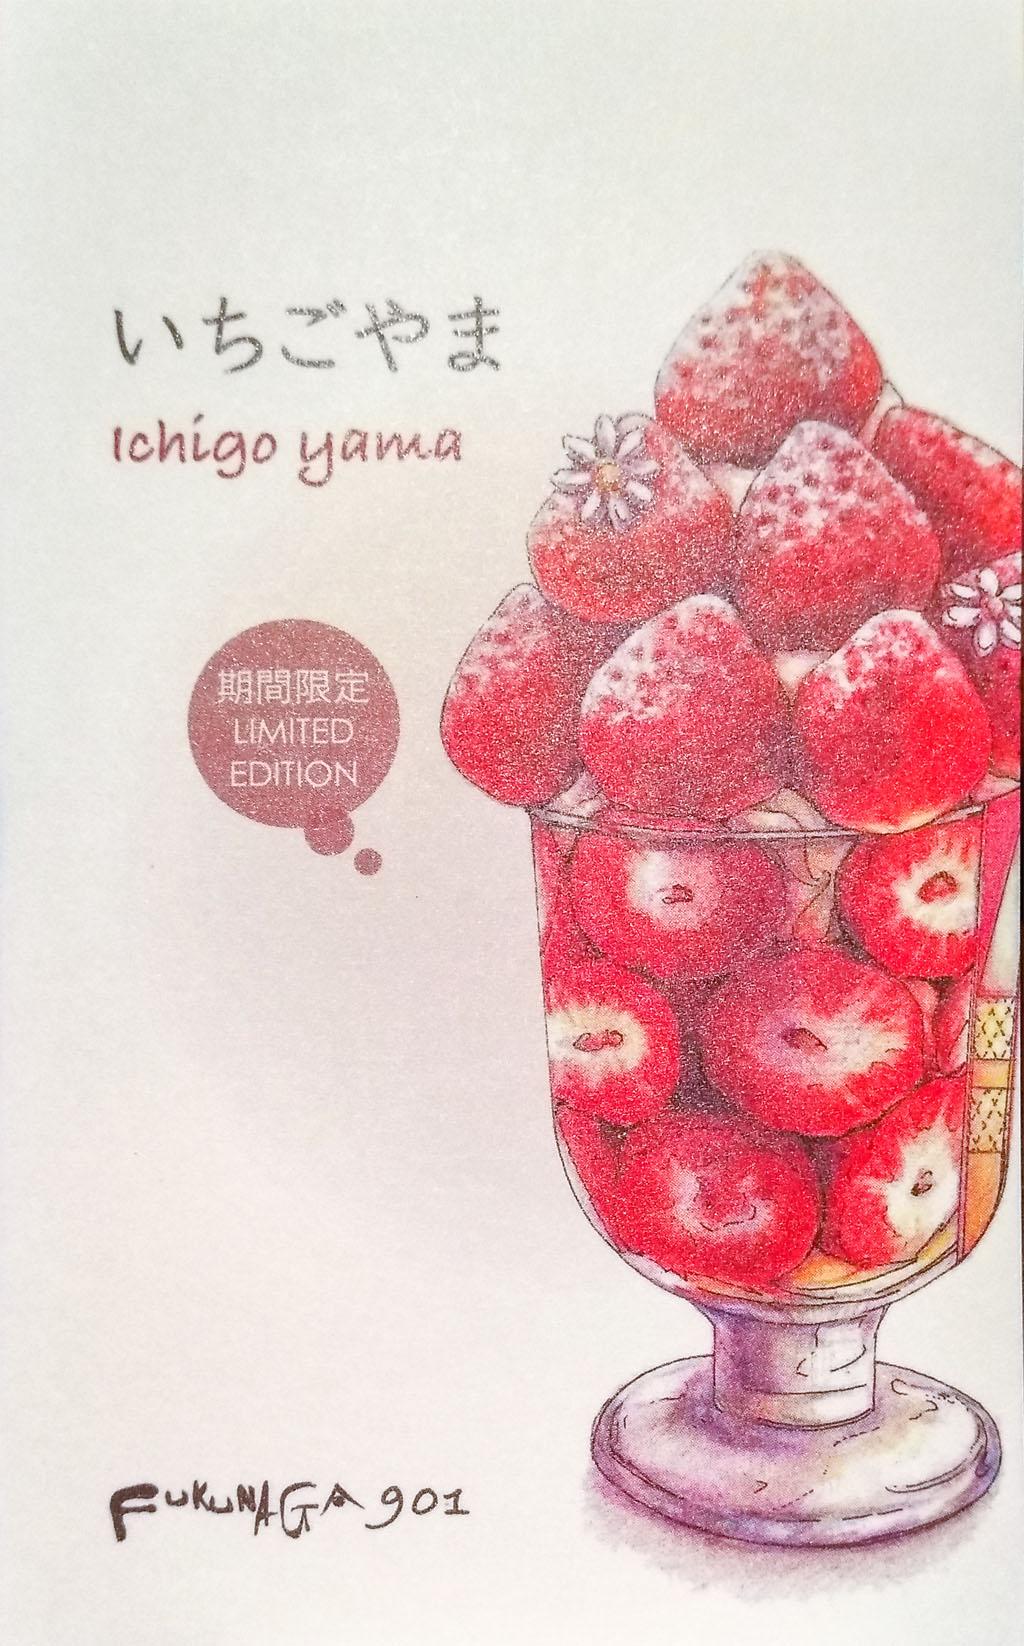 期間限定 LIMITED EDITION いちごやま(FUKUNAGA901)